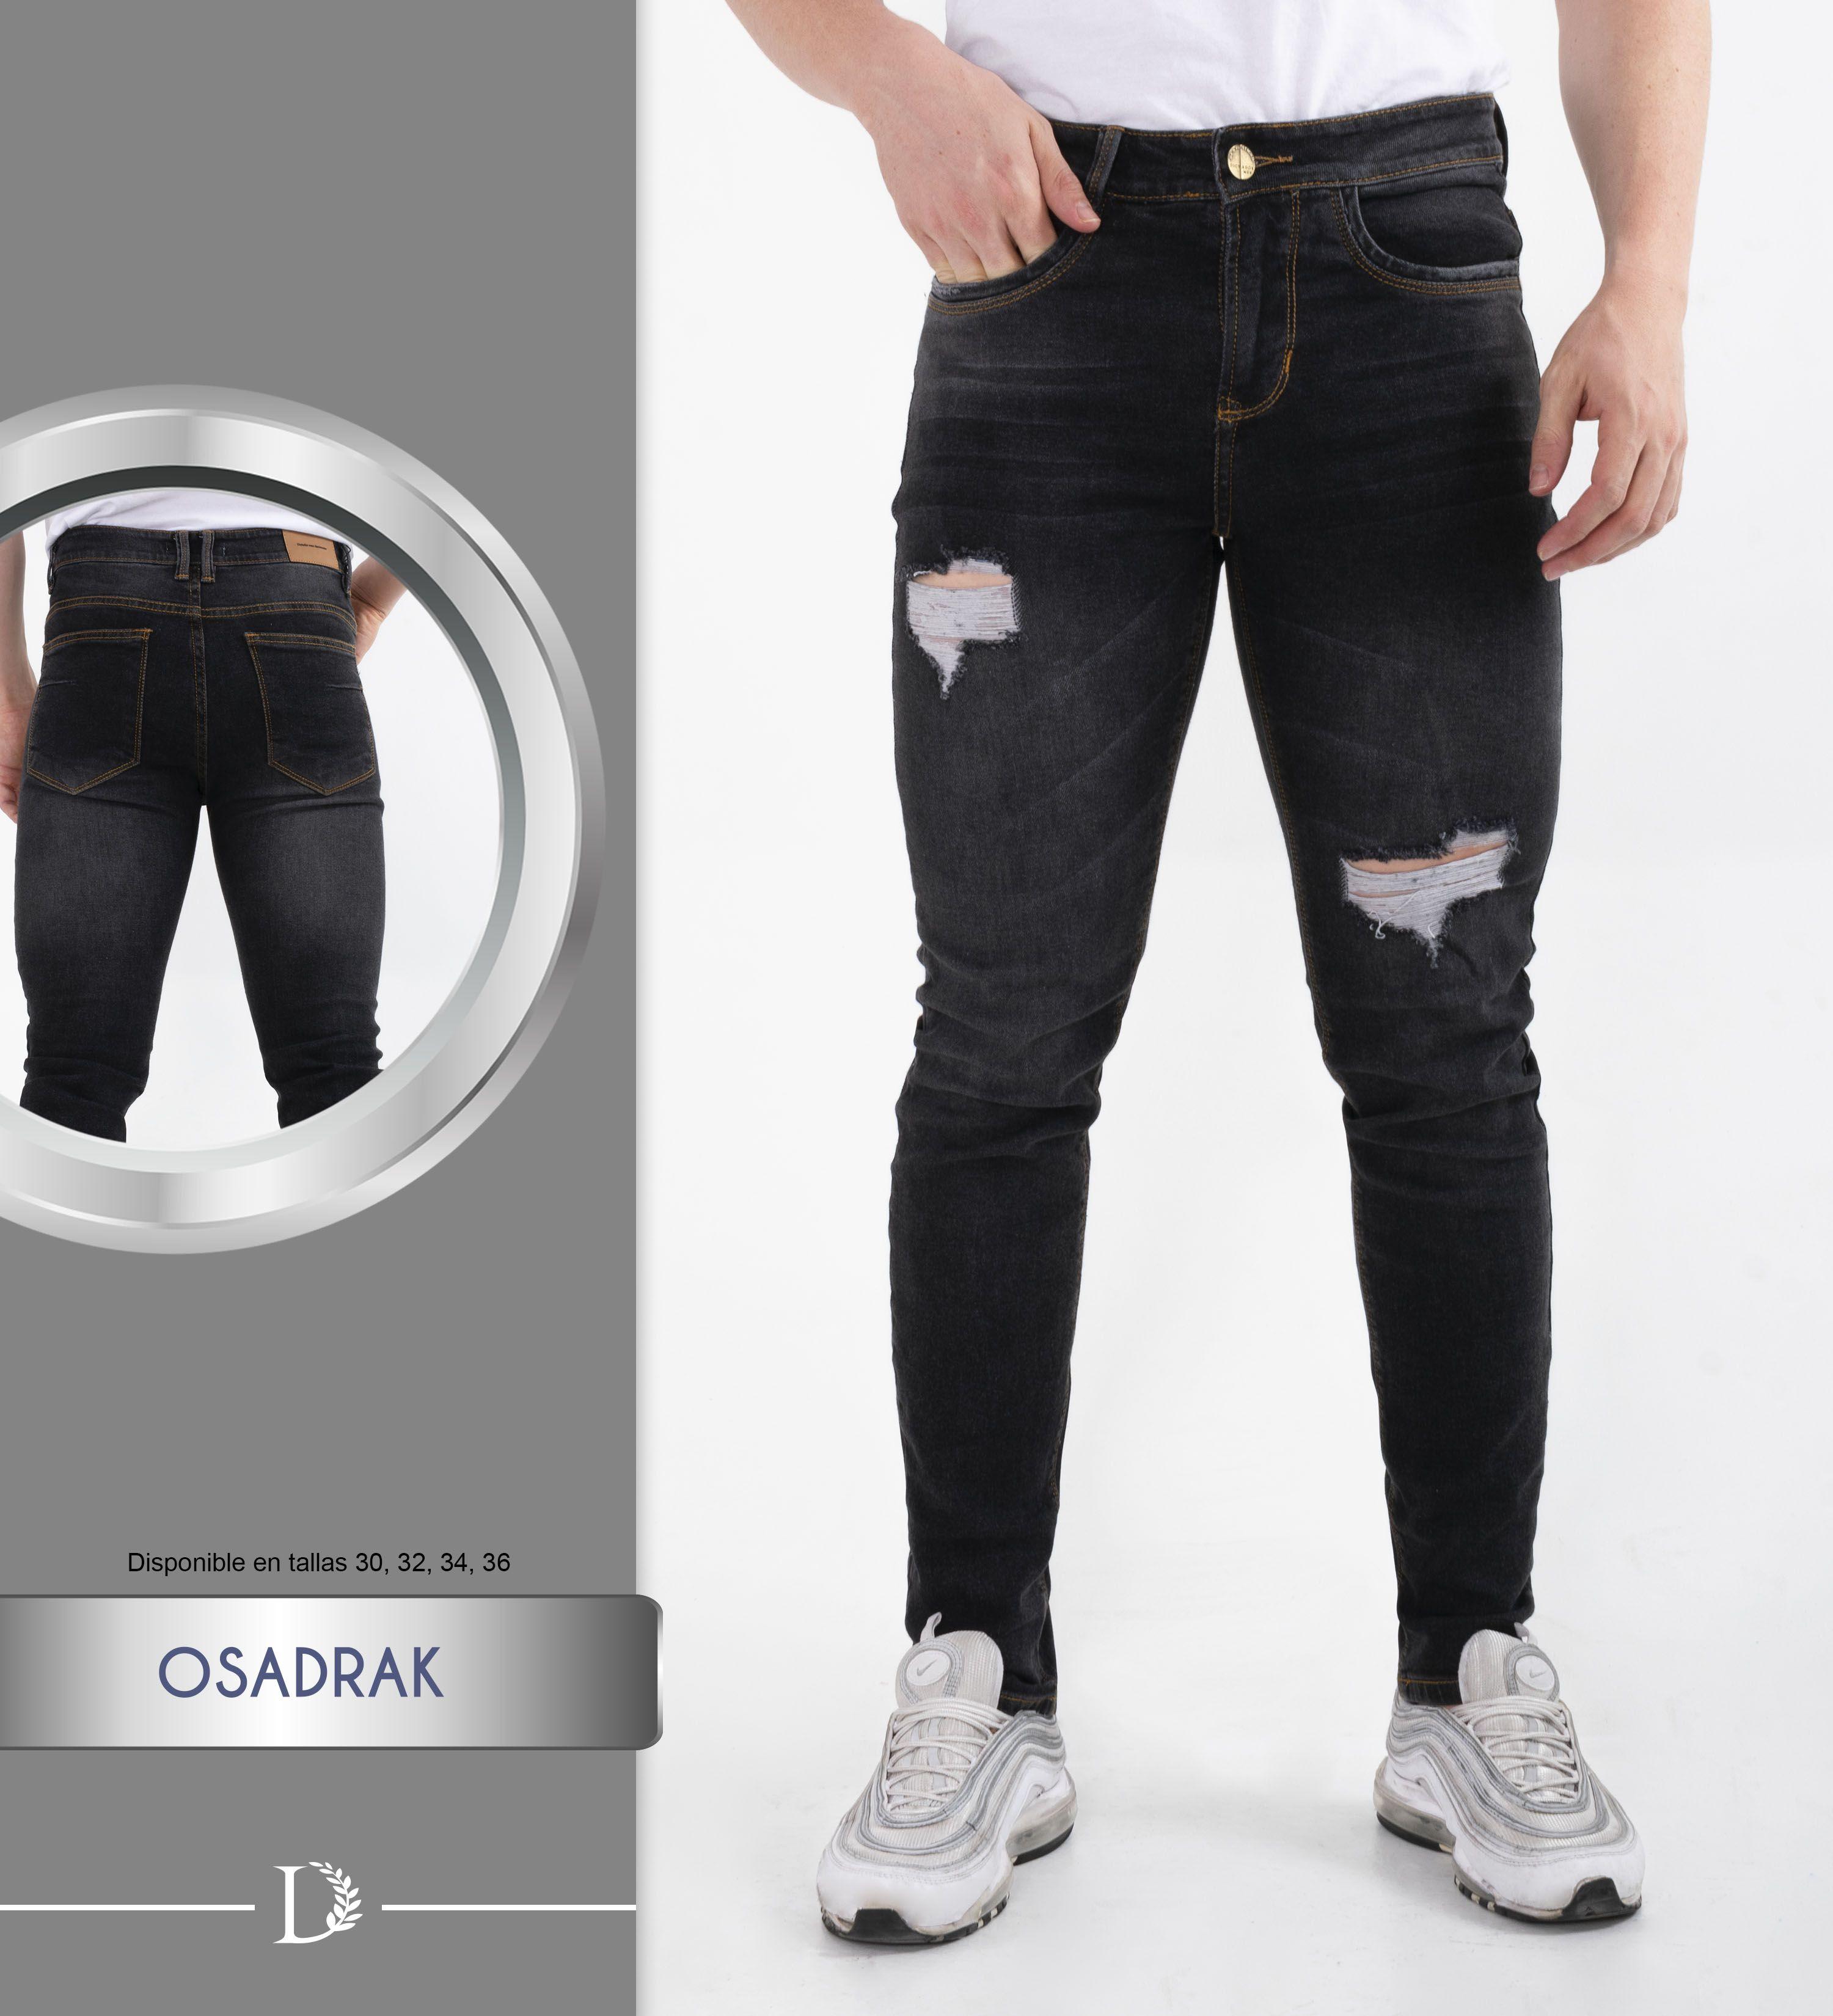 Inspiraras Mas Que Solo Estilo Jeans Para Hombre Vaqueros Hombre Jeans Colombianos